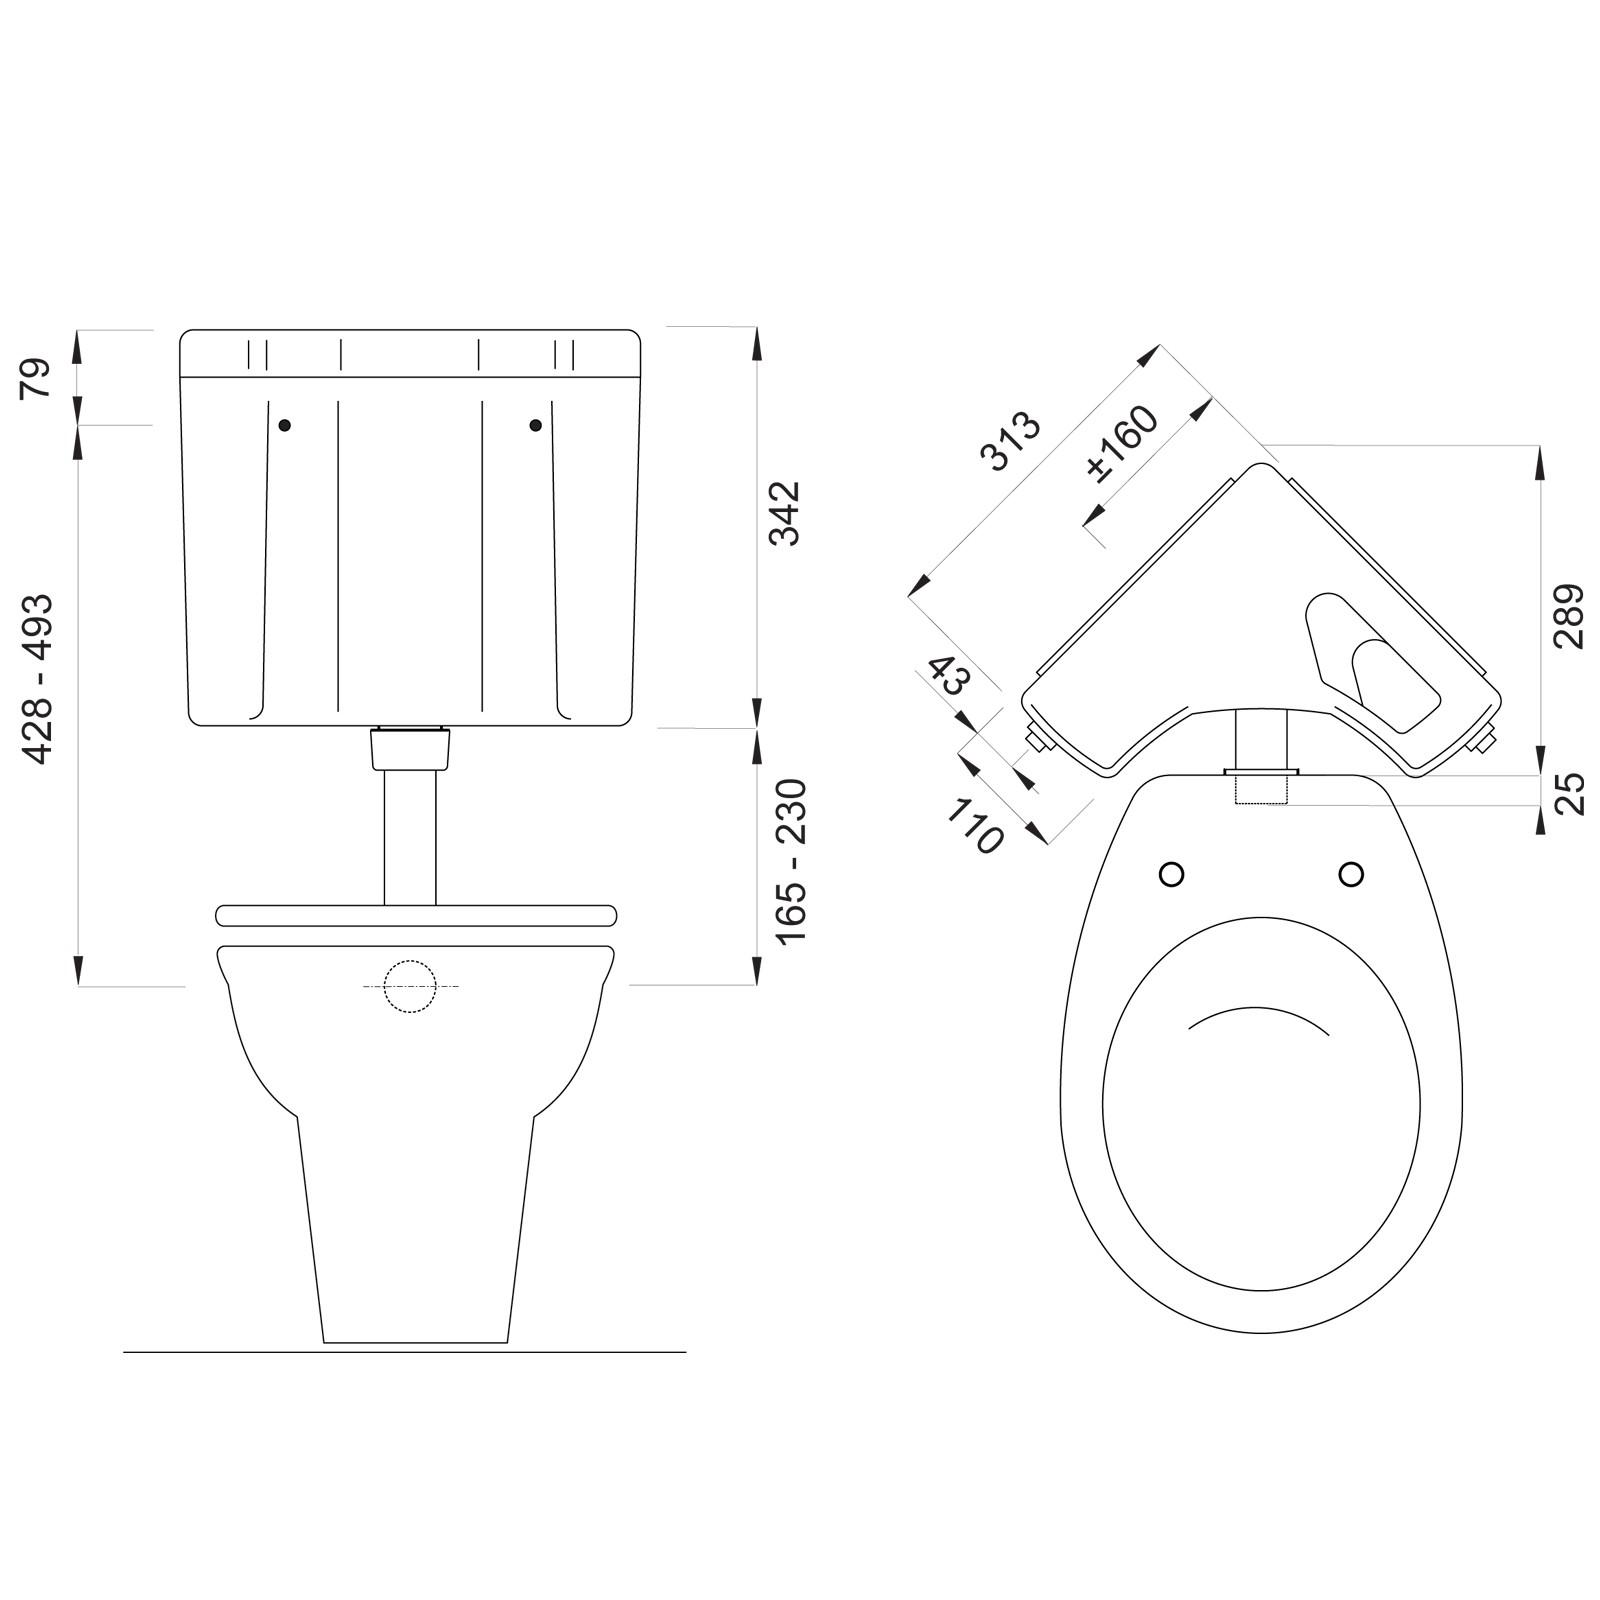 ✅ Wisa 770 Aufputz Eckspülkasten Spülkasten Toilettenspülkasten Spülung 6-9 L